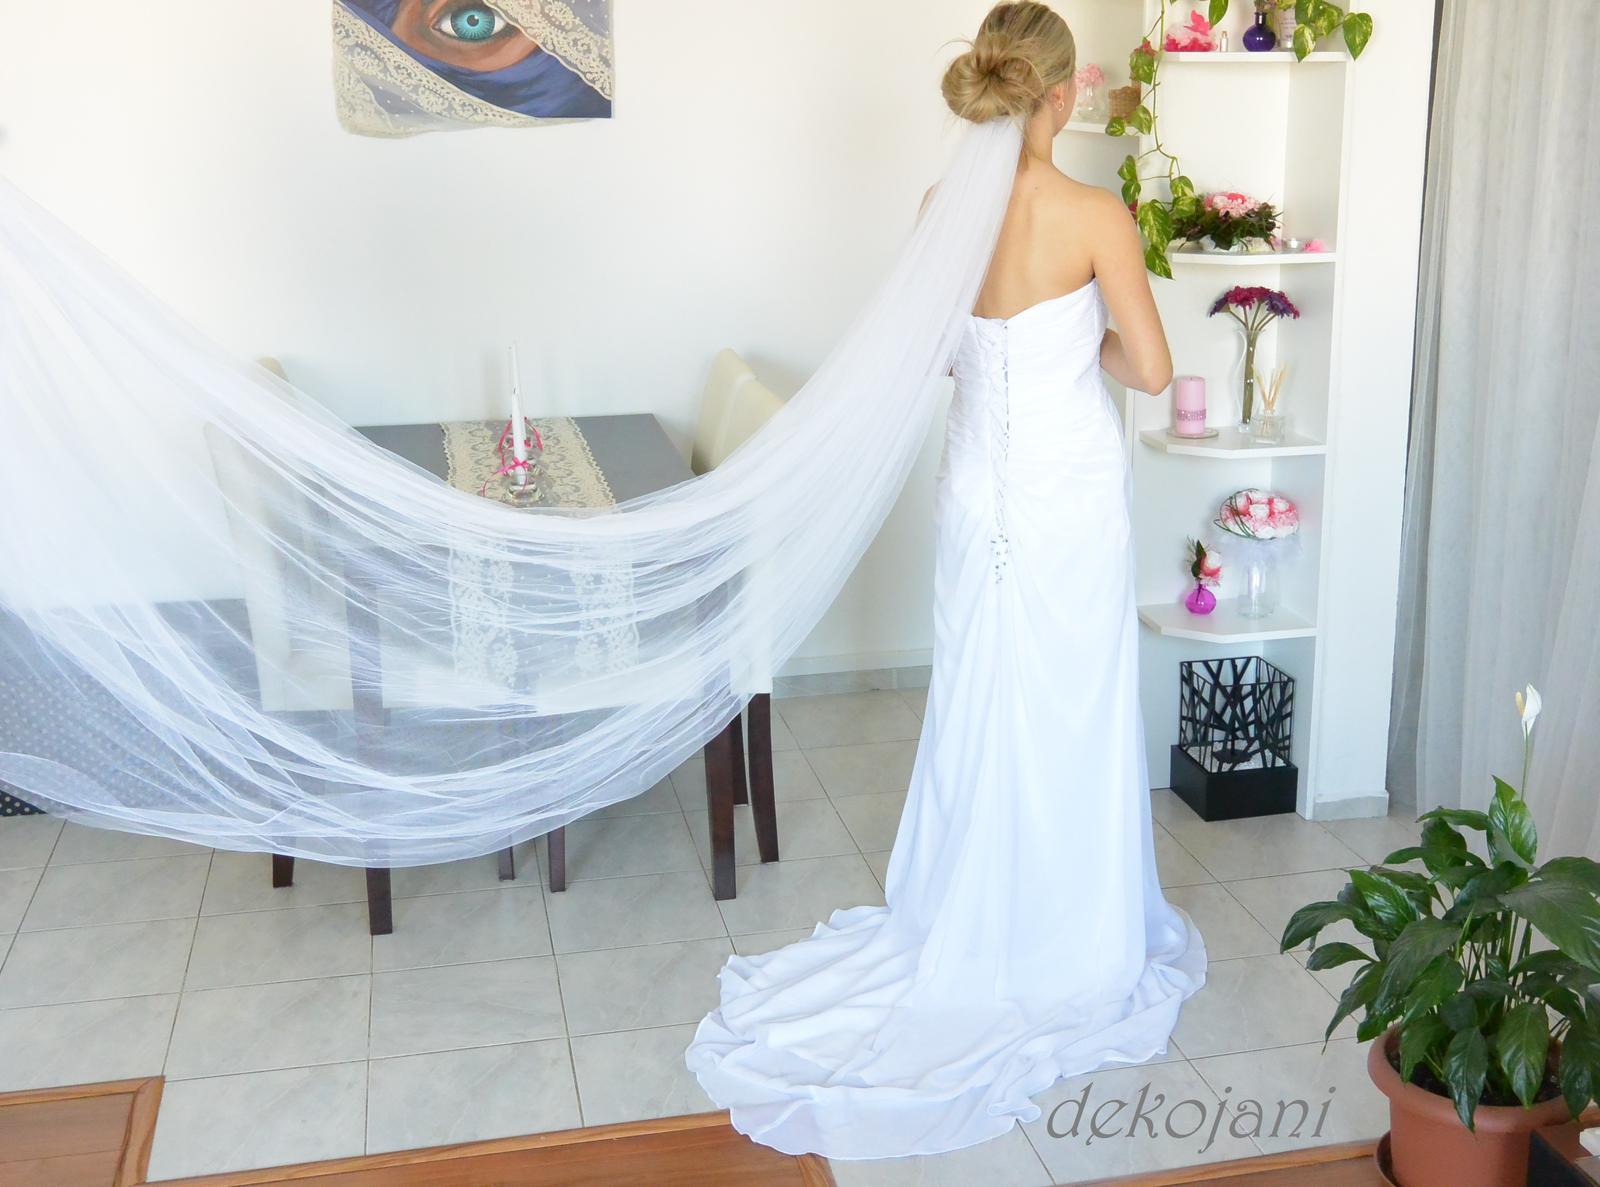 Svatební závoj (dvouvrstvý, třímetrový) v akci za 539kč. - Obrázek č. 4